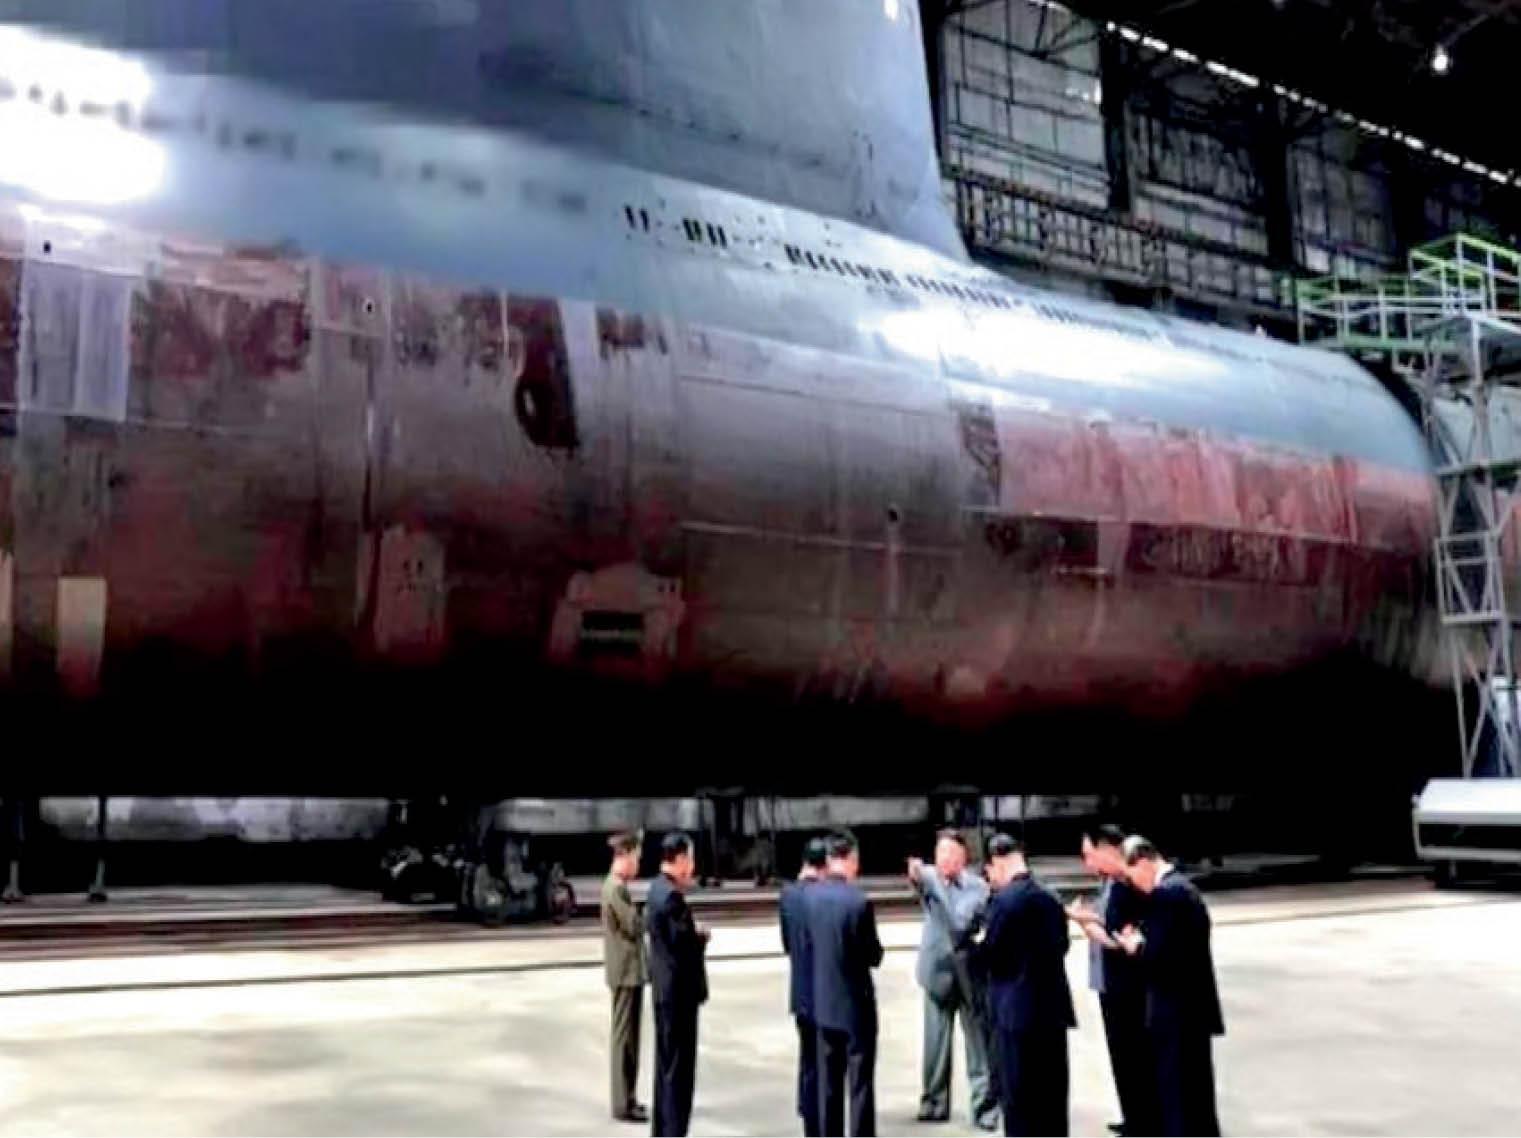 उत्तर कोरिया की सबमरीन तैयार, इसकी परमाणु संपन्न मिसाइल से अमेरिका तक मची खलबली|विदेश,International - Dainik Bhaskar